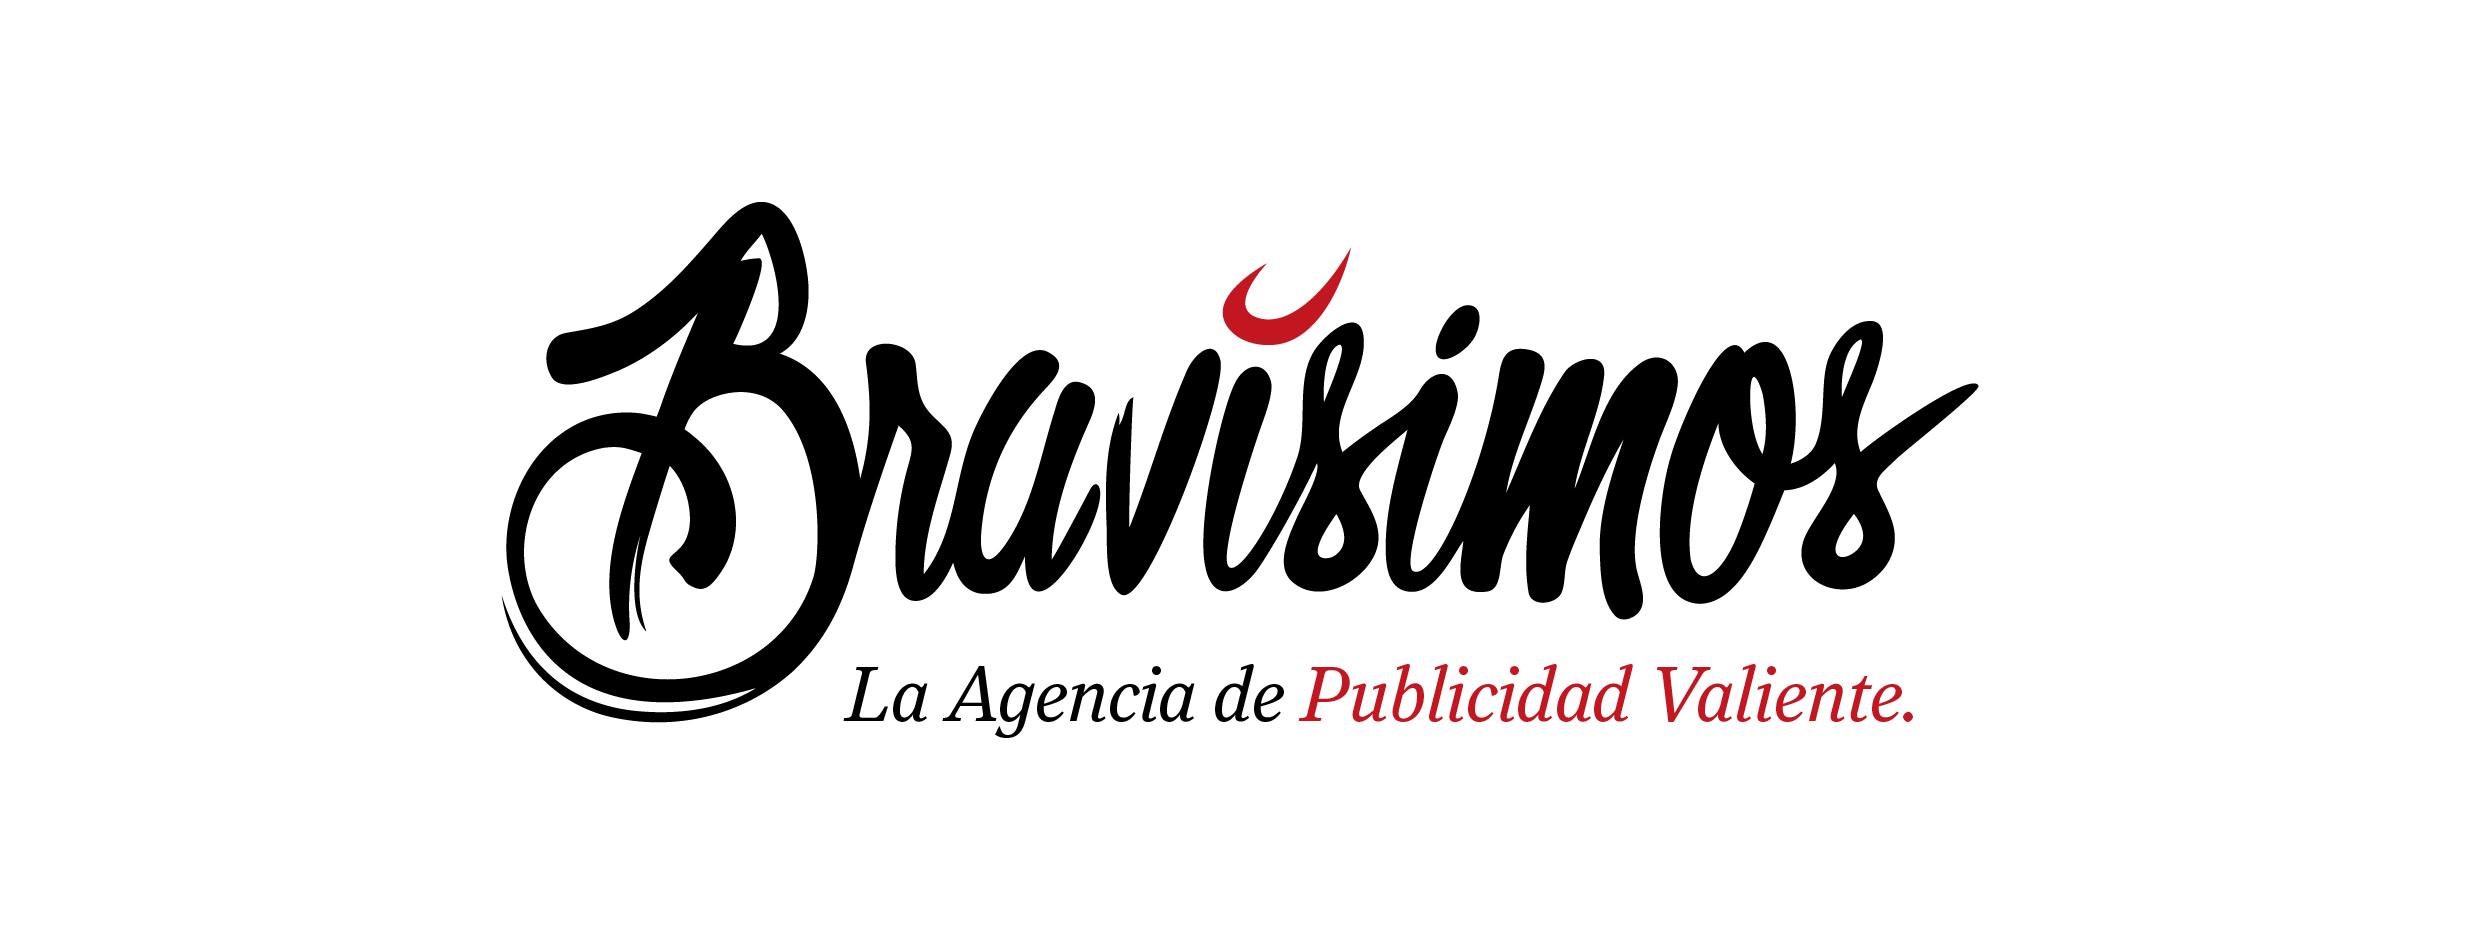 Bravisimos | Agencia de Publicidad y Comunicación